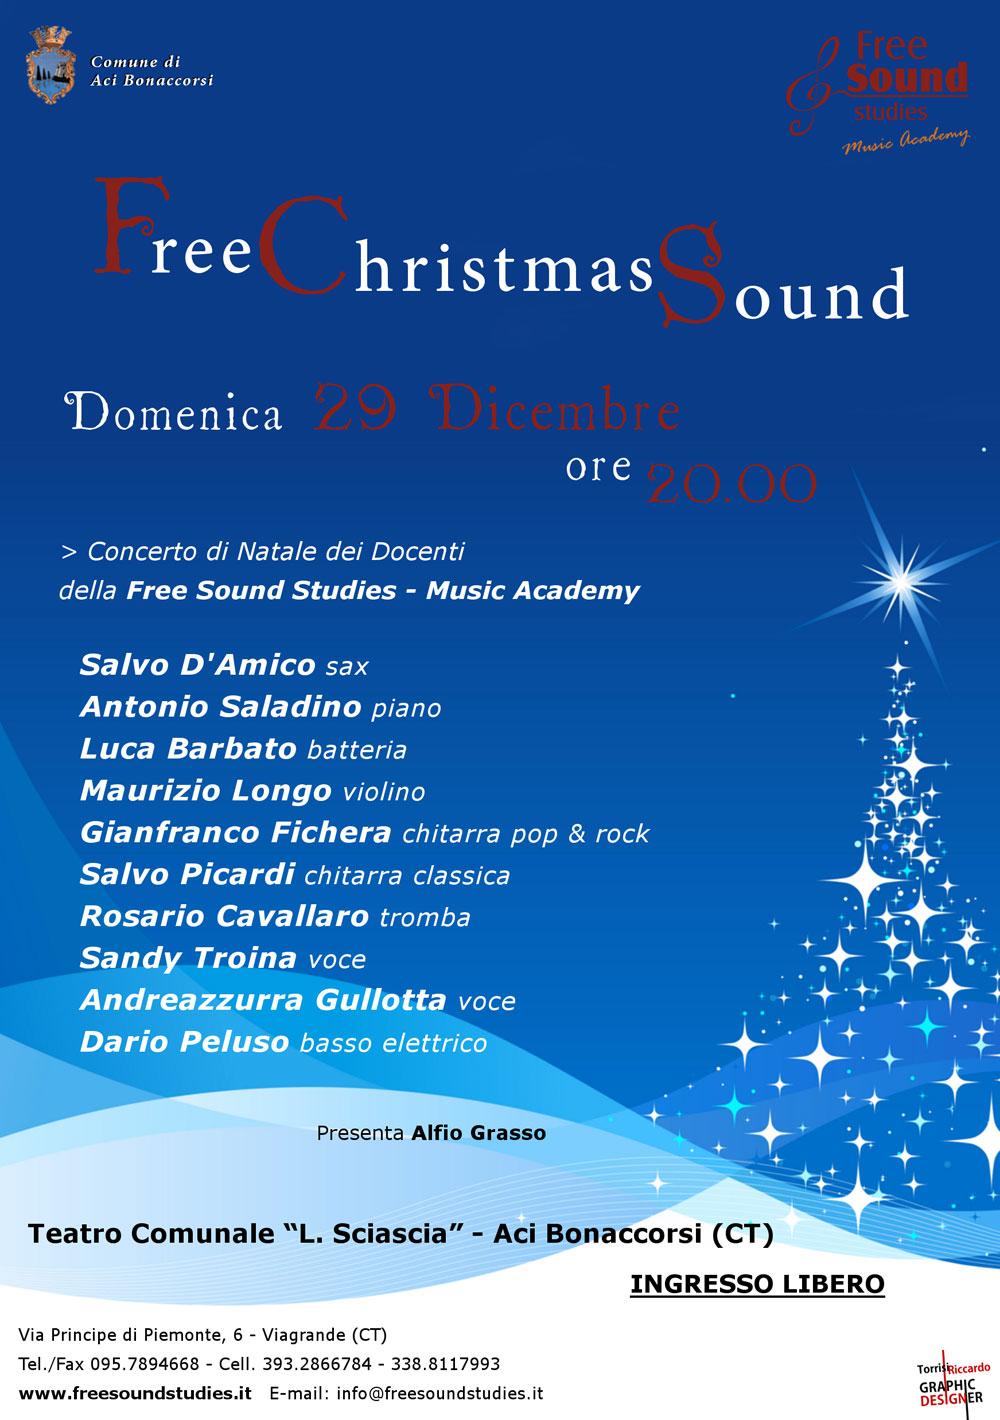 Free Sound Studies: Concerto di Natale 2013